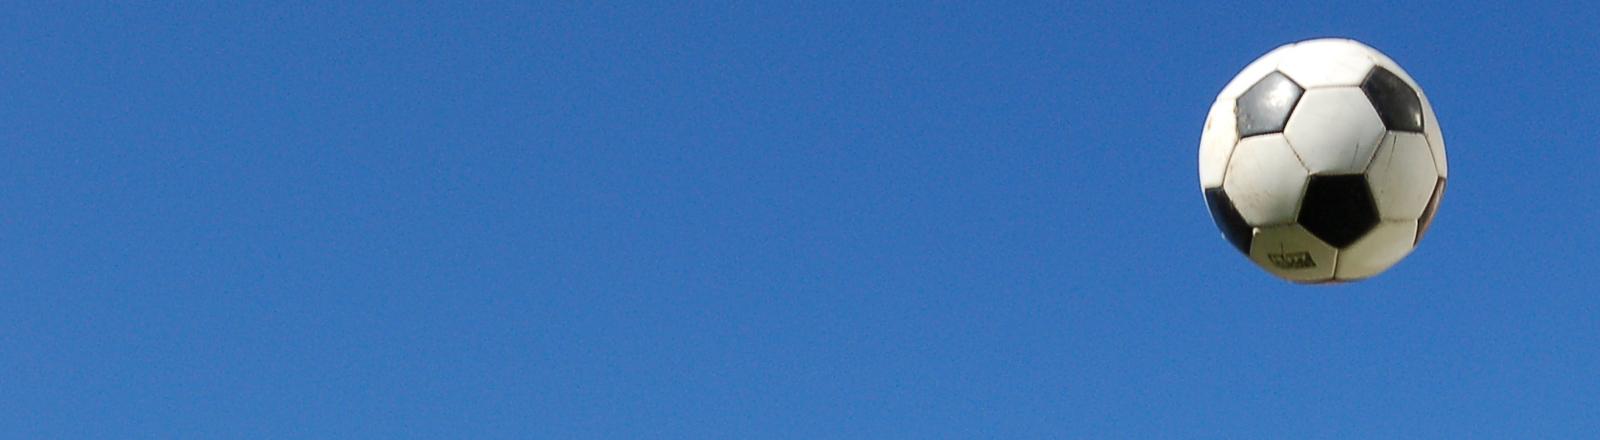 Fussball vor Himmel